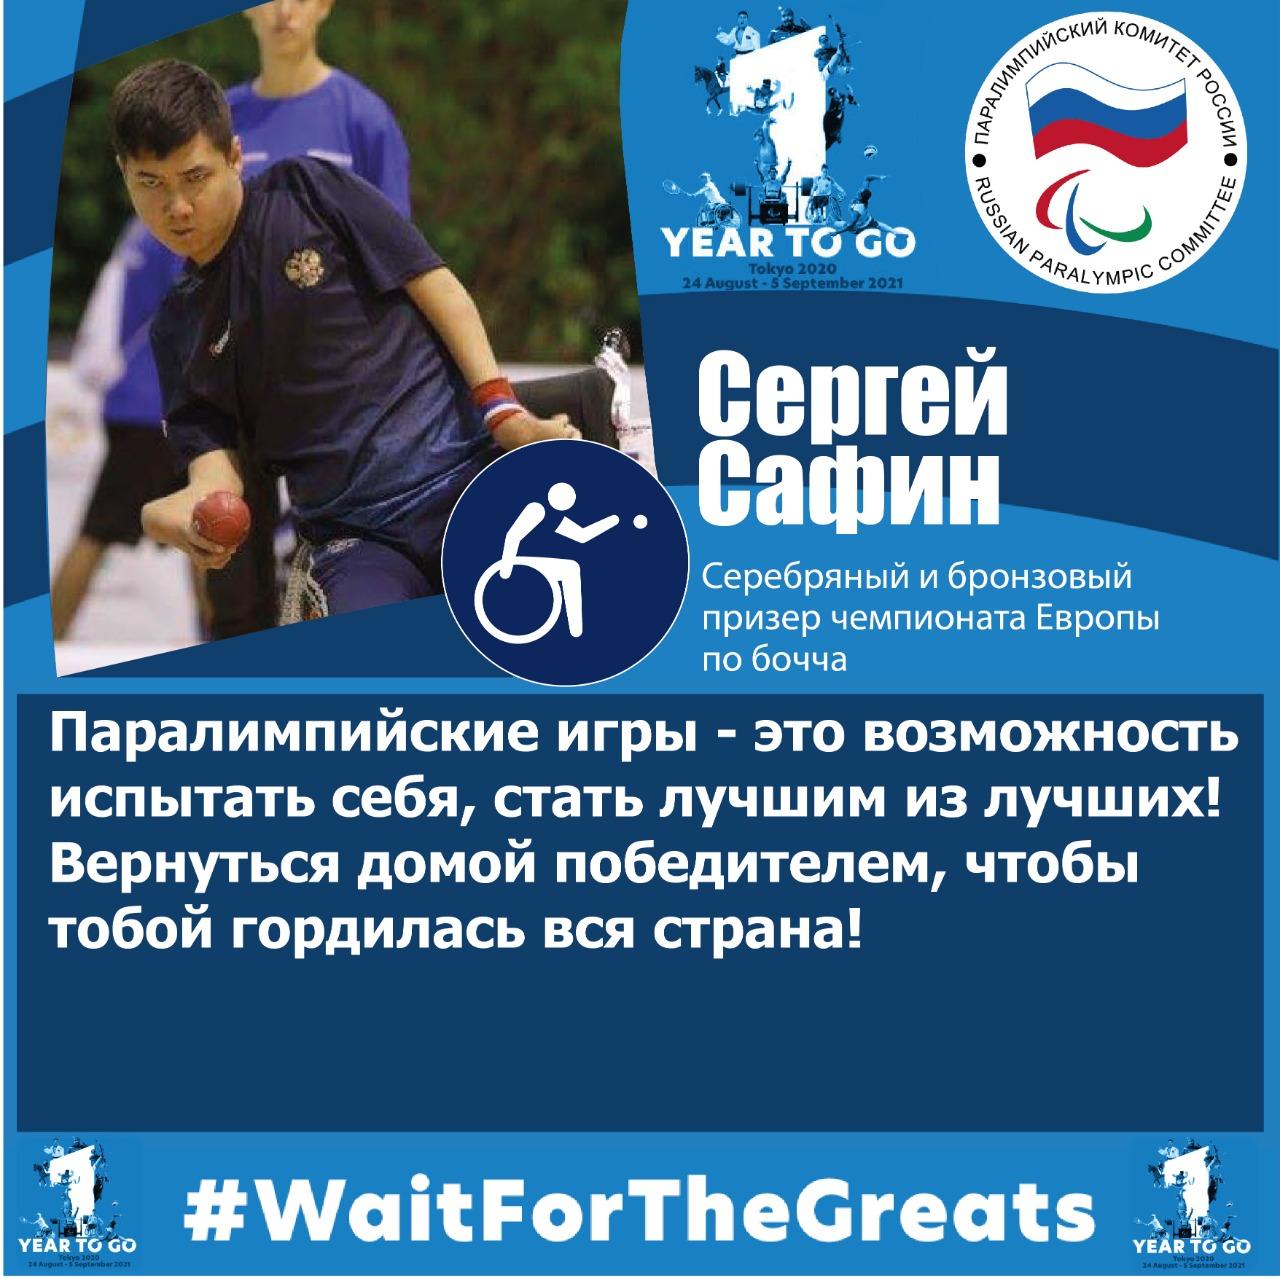 C Сафин: «Паралимпийские игры — это возможность испытать себя, стать лучшим из лучших! Вернуться домой победителем, чтобы тобой гордилась вся страна!»